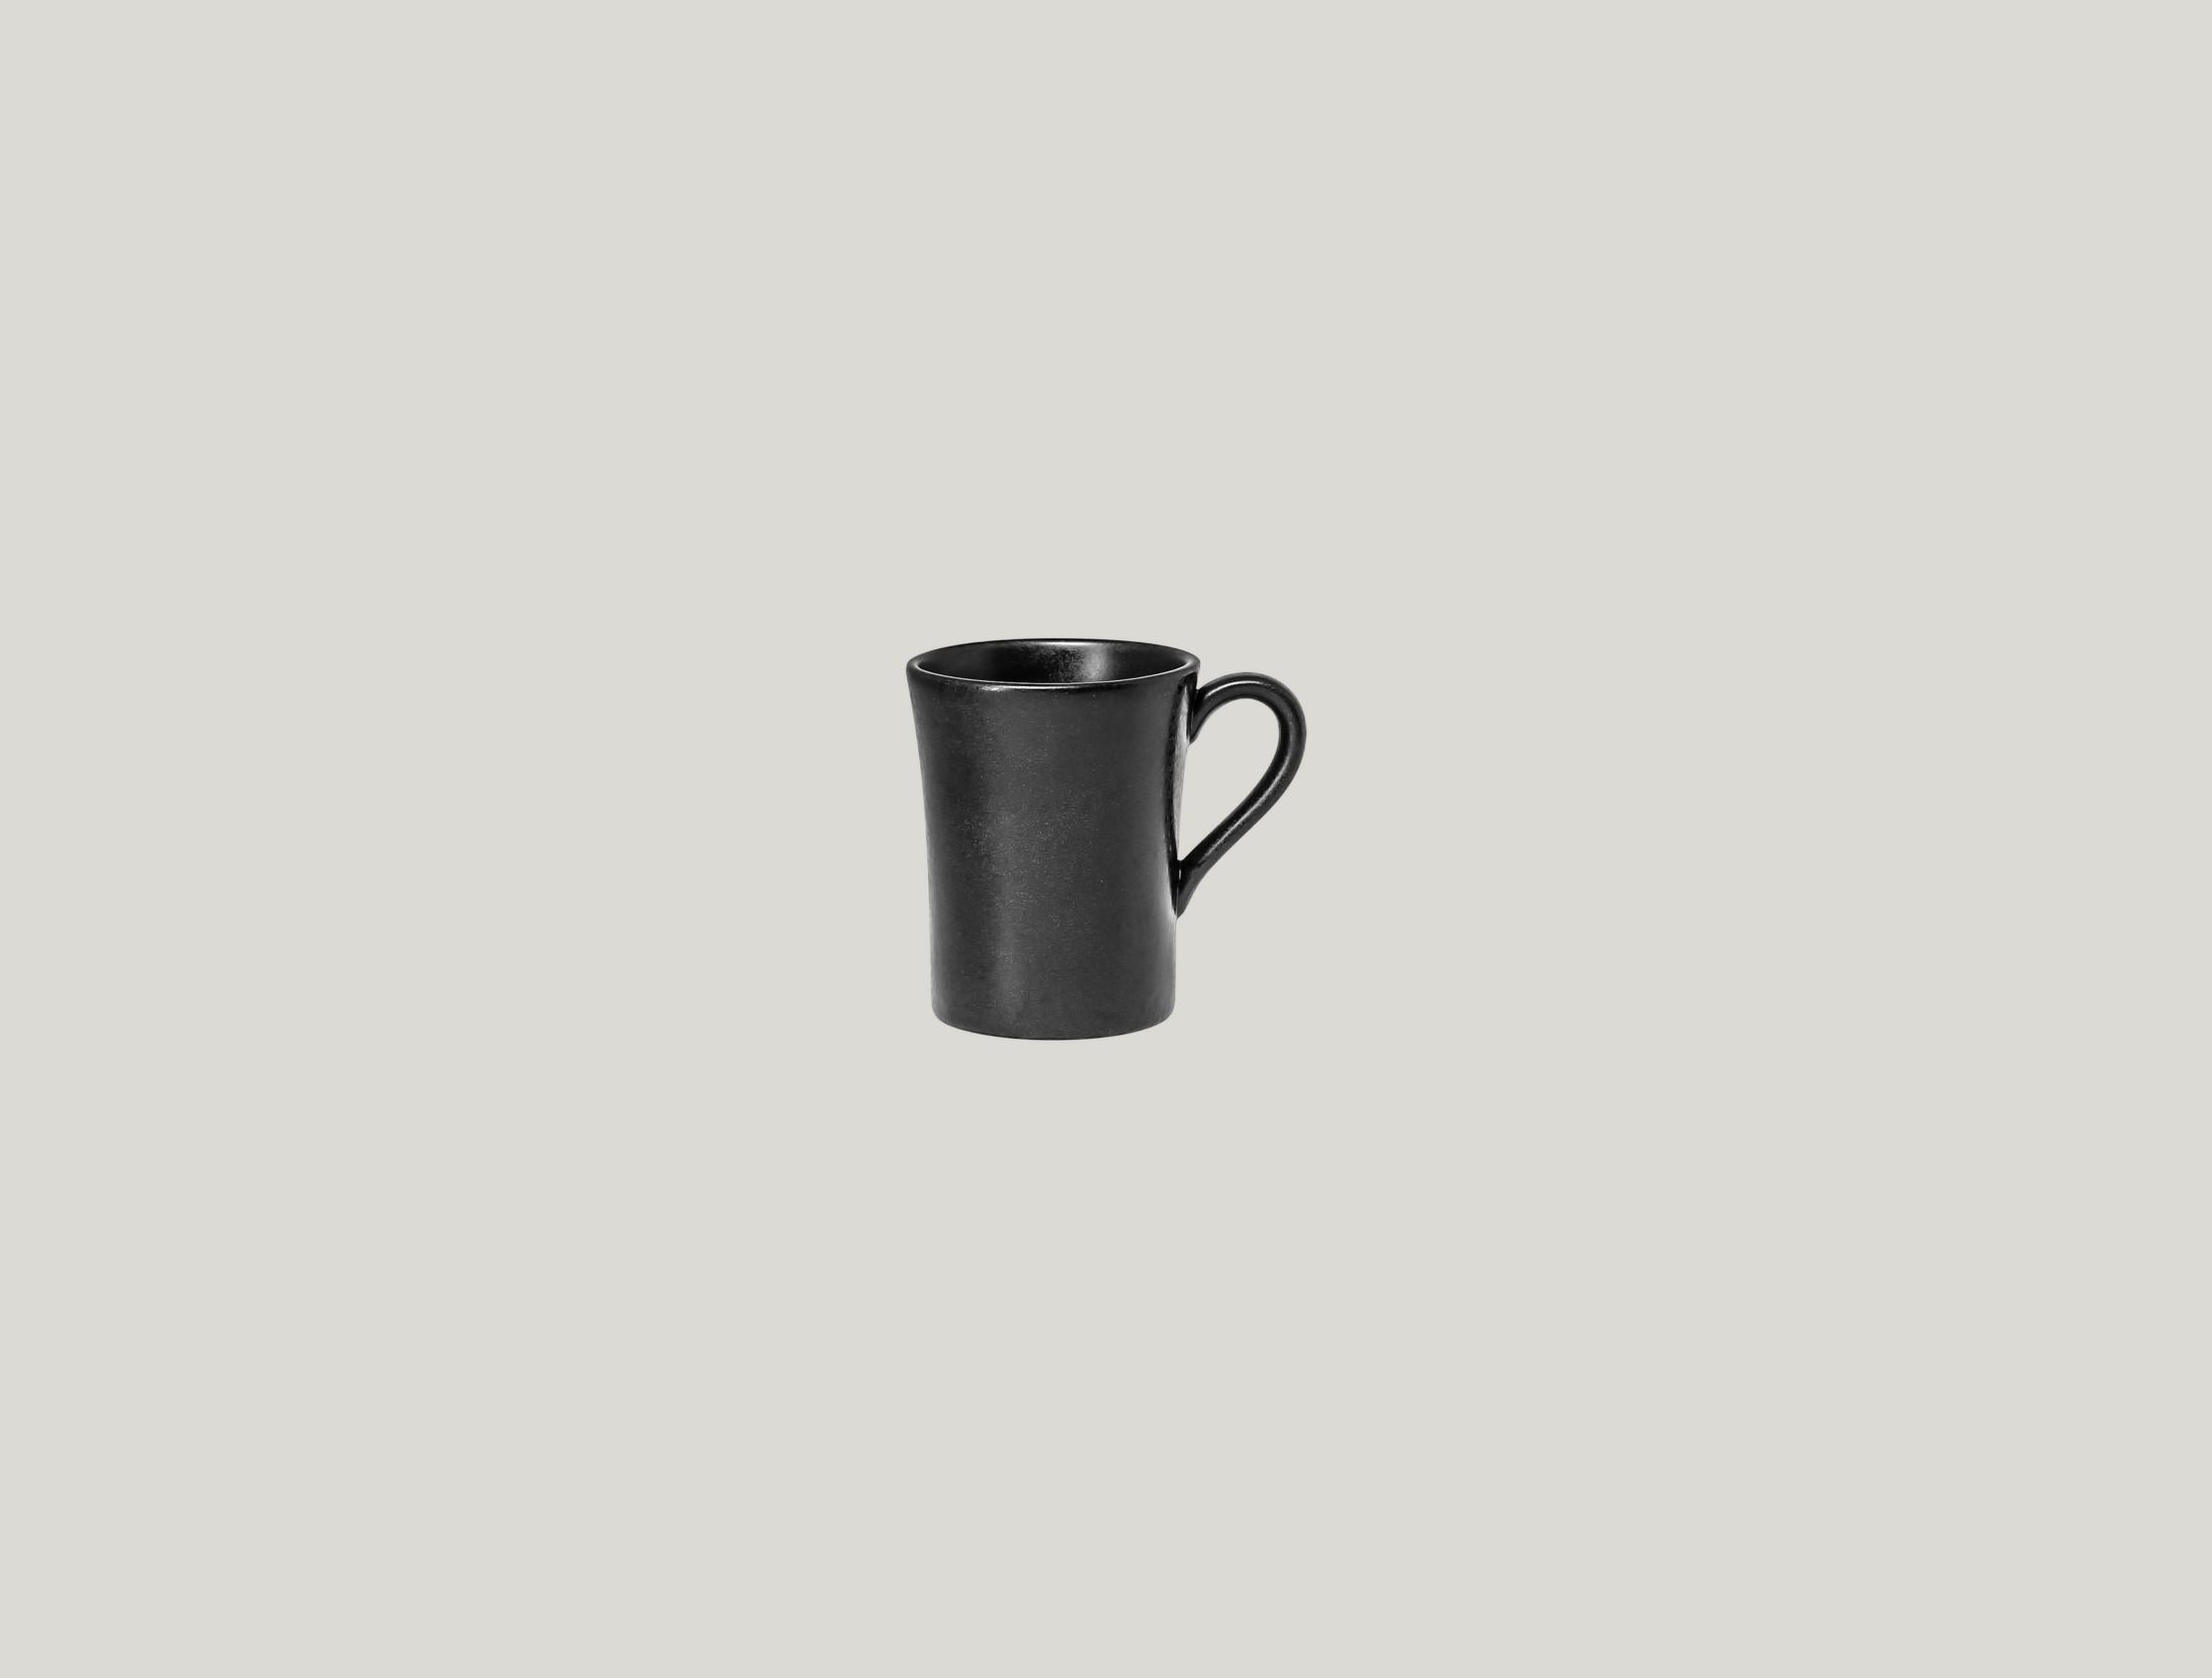 Edge šálek na espresso 9 cl - černá